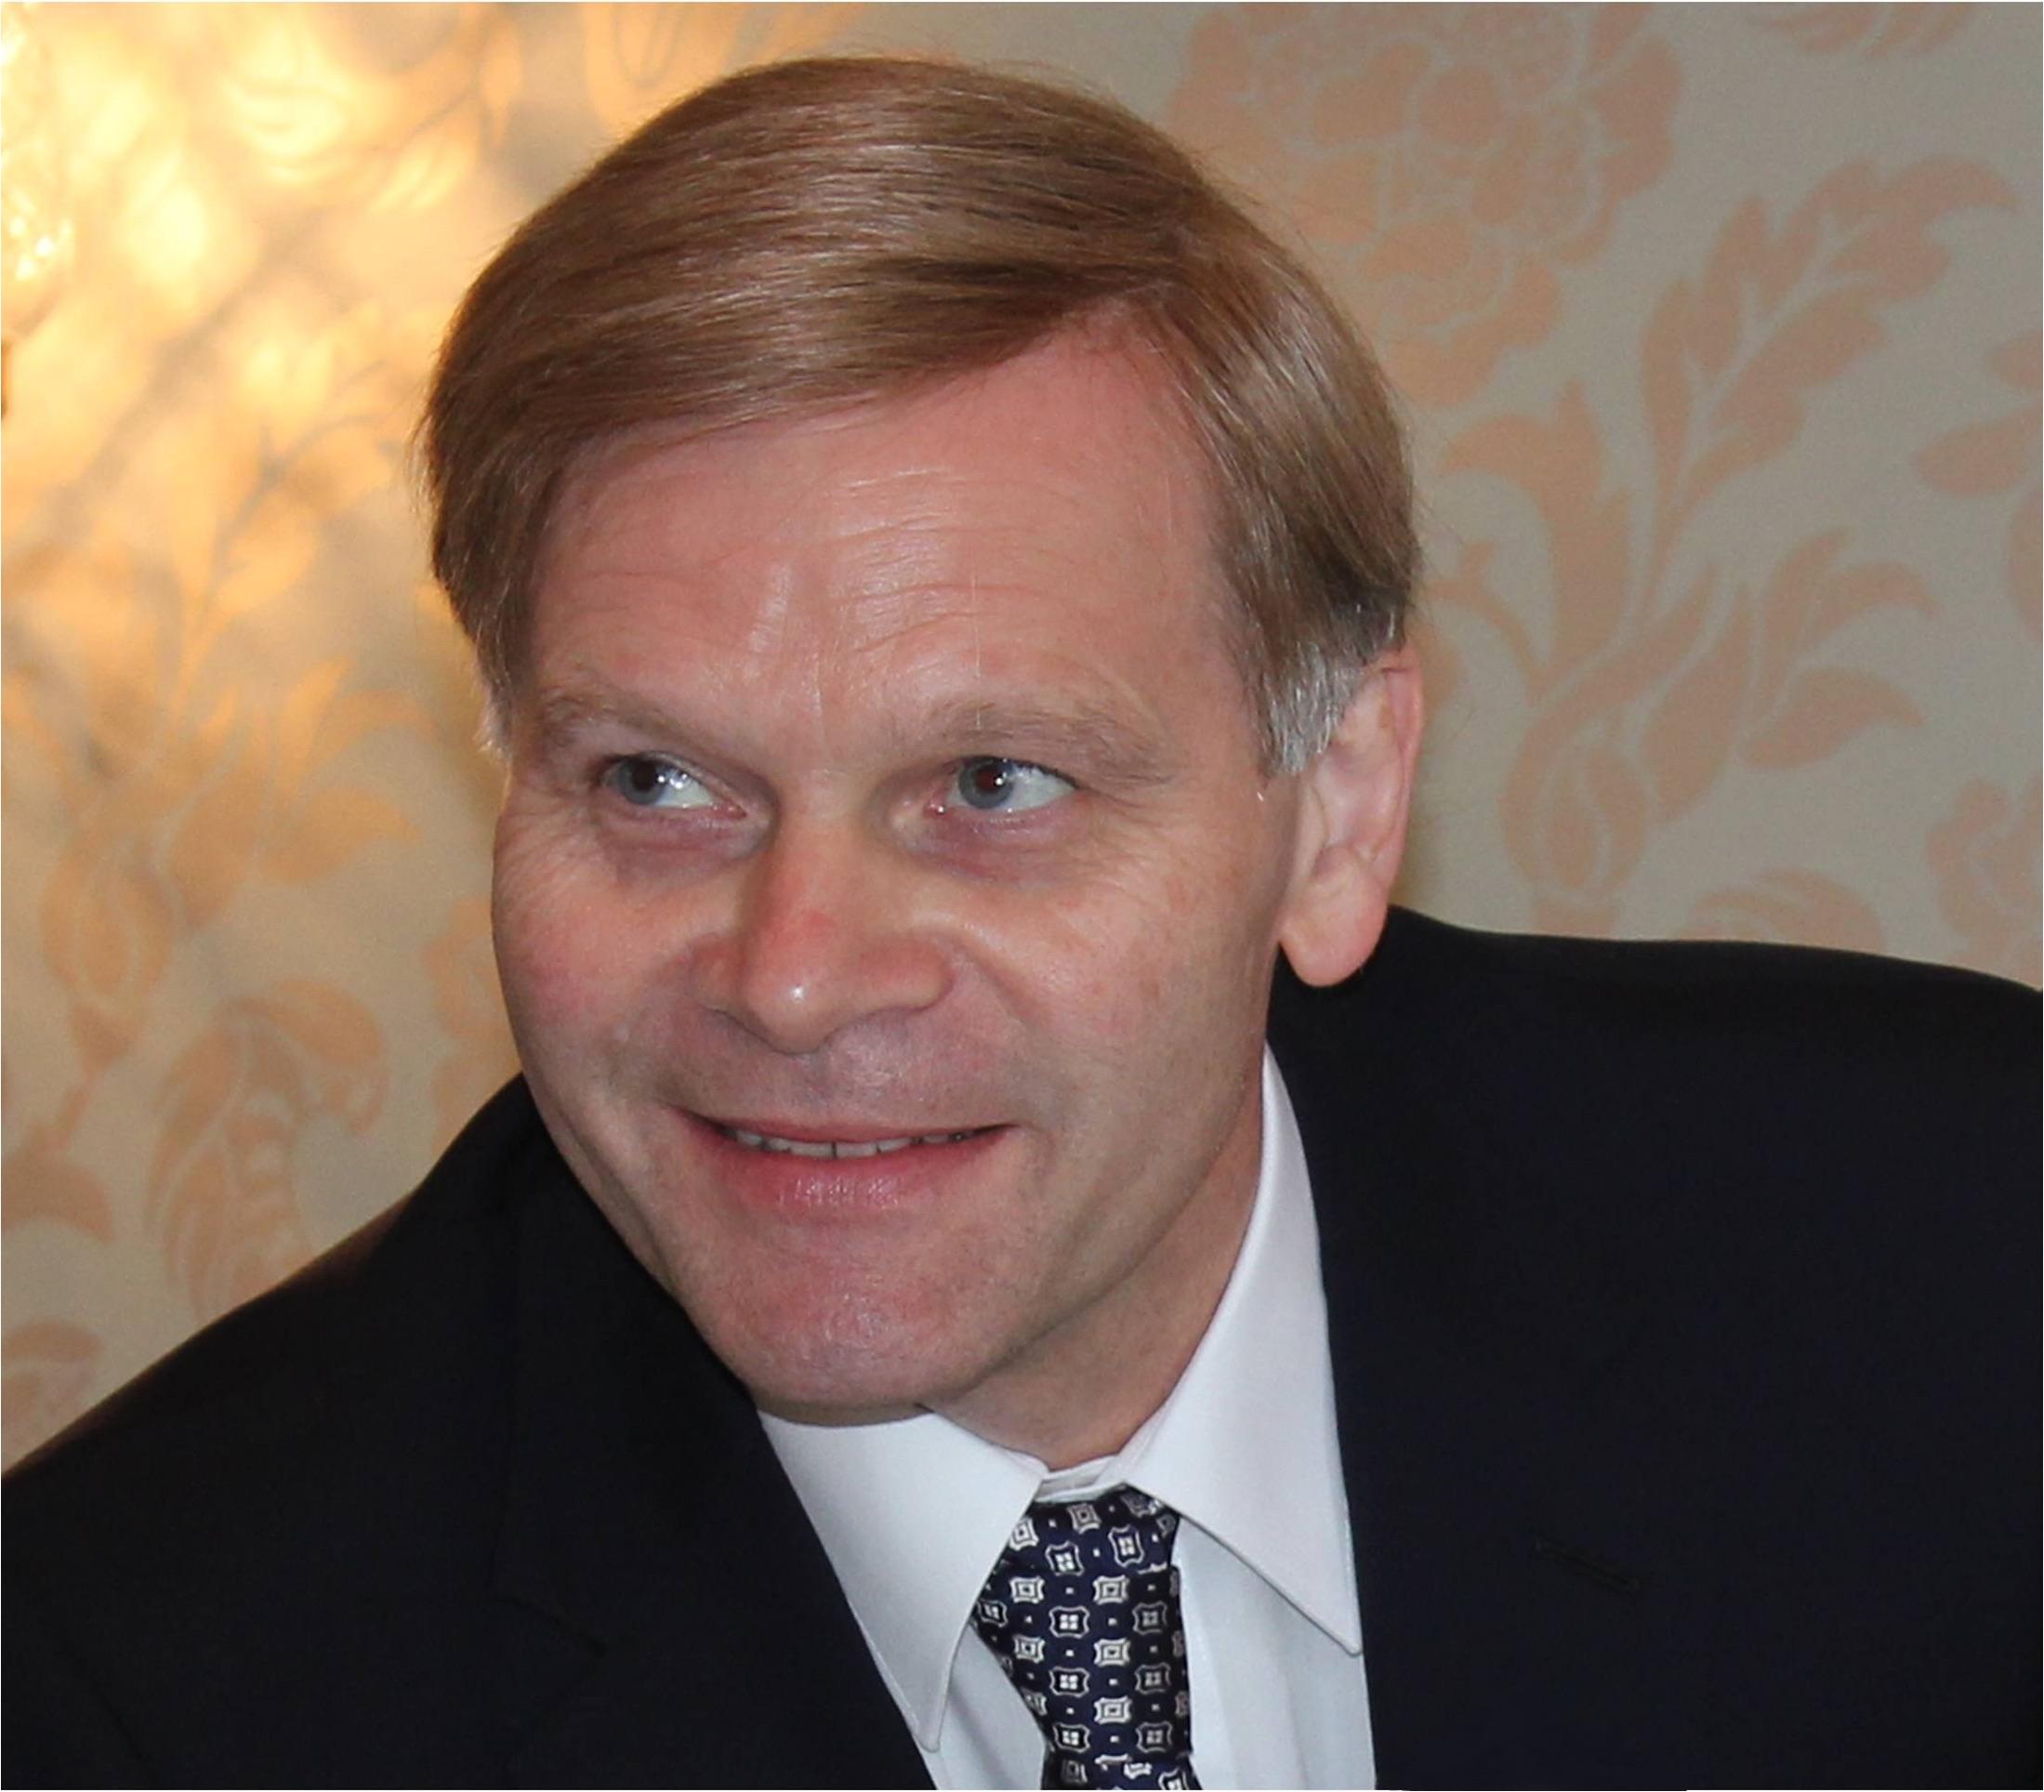 Agust Gudmundsson (RHUL)